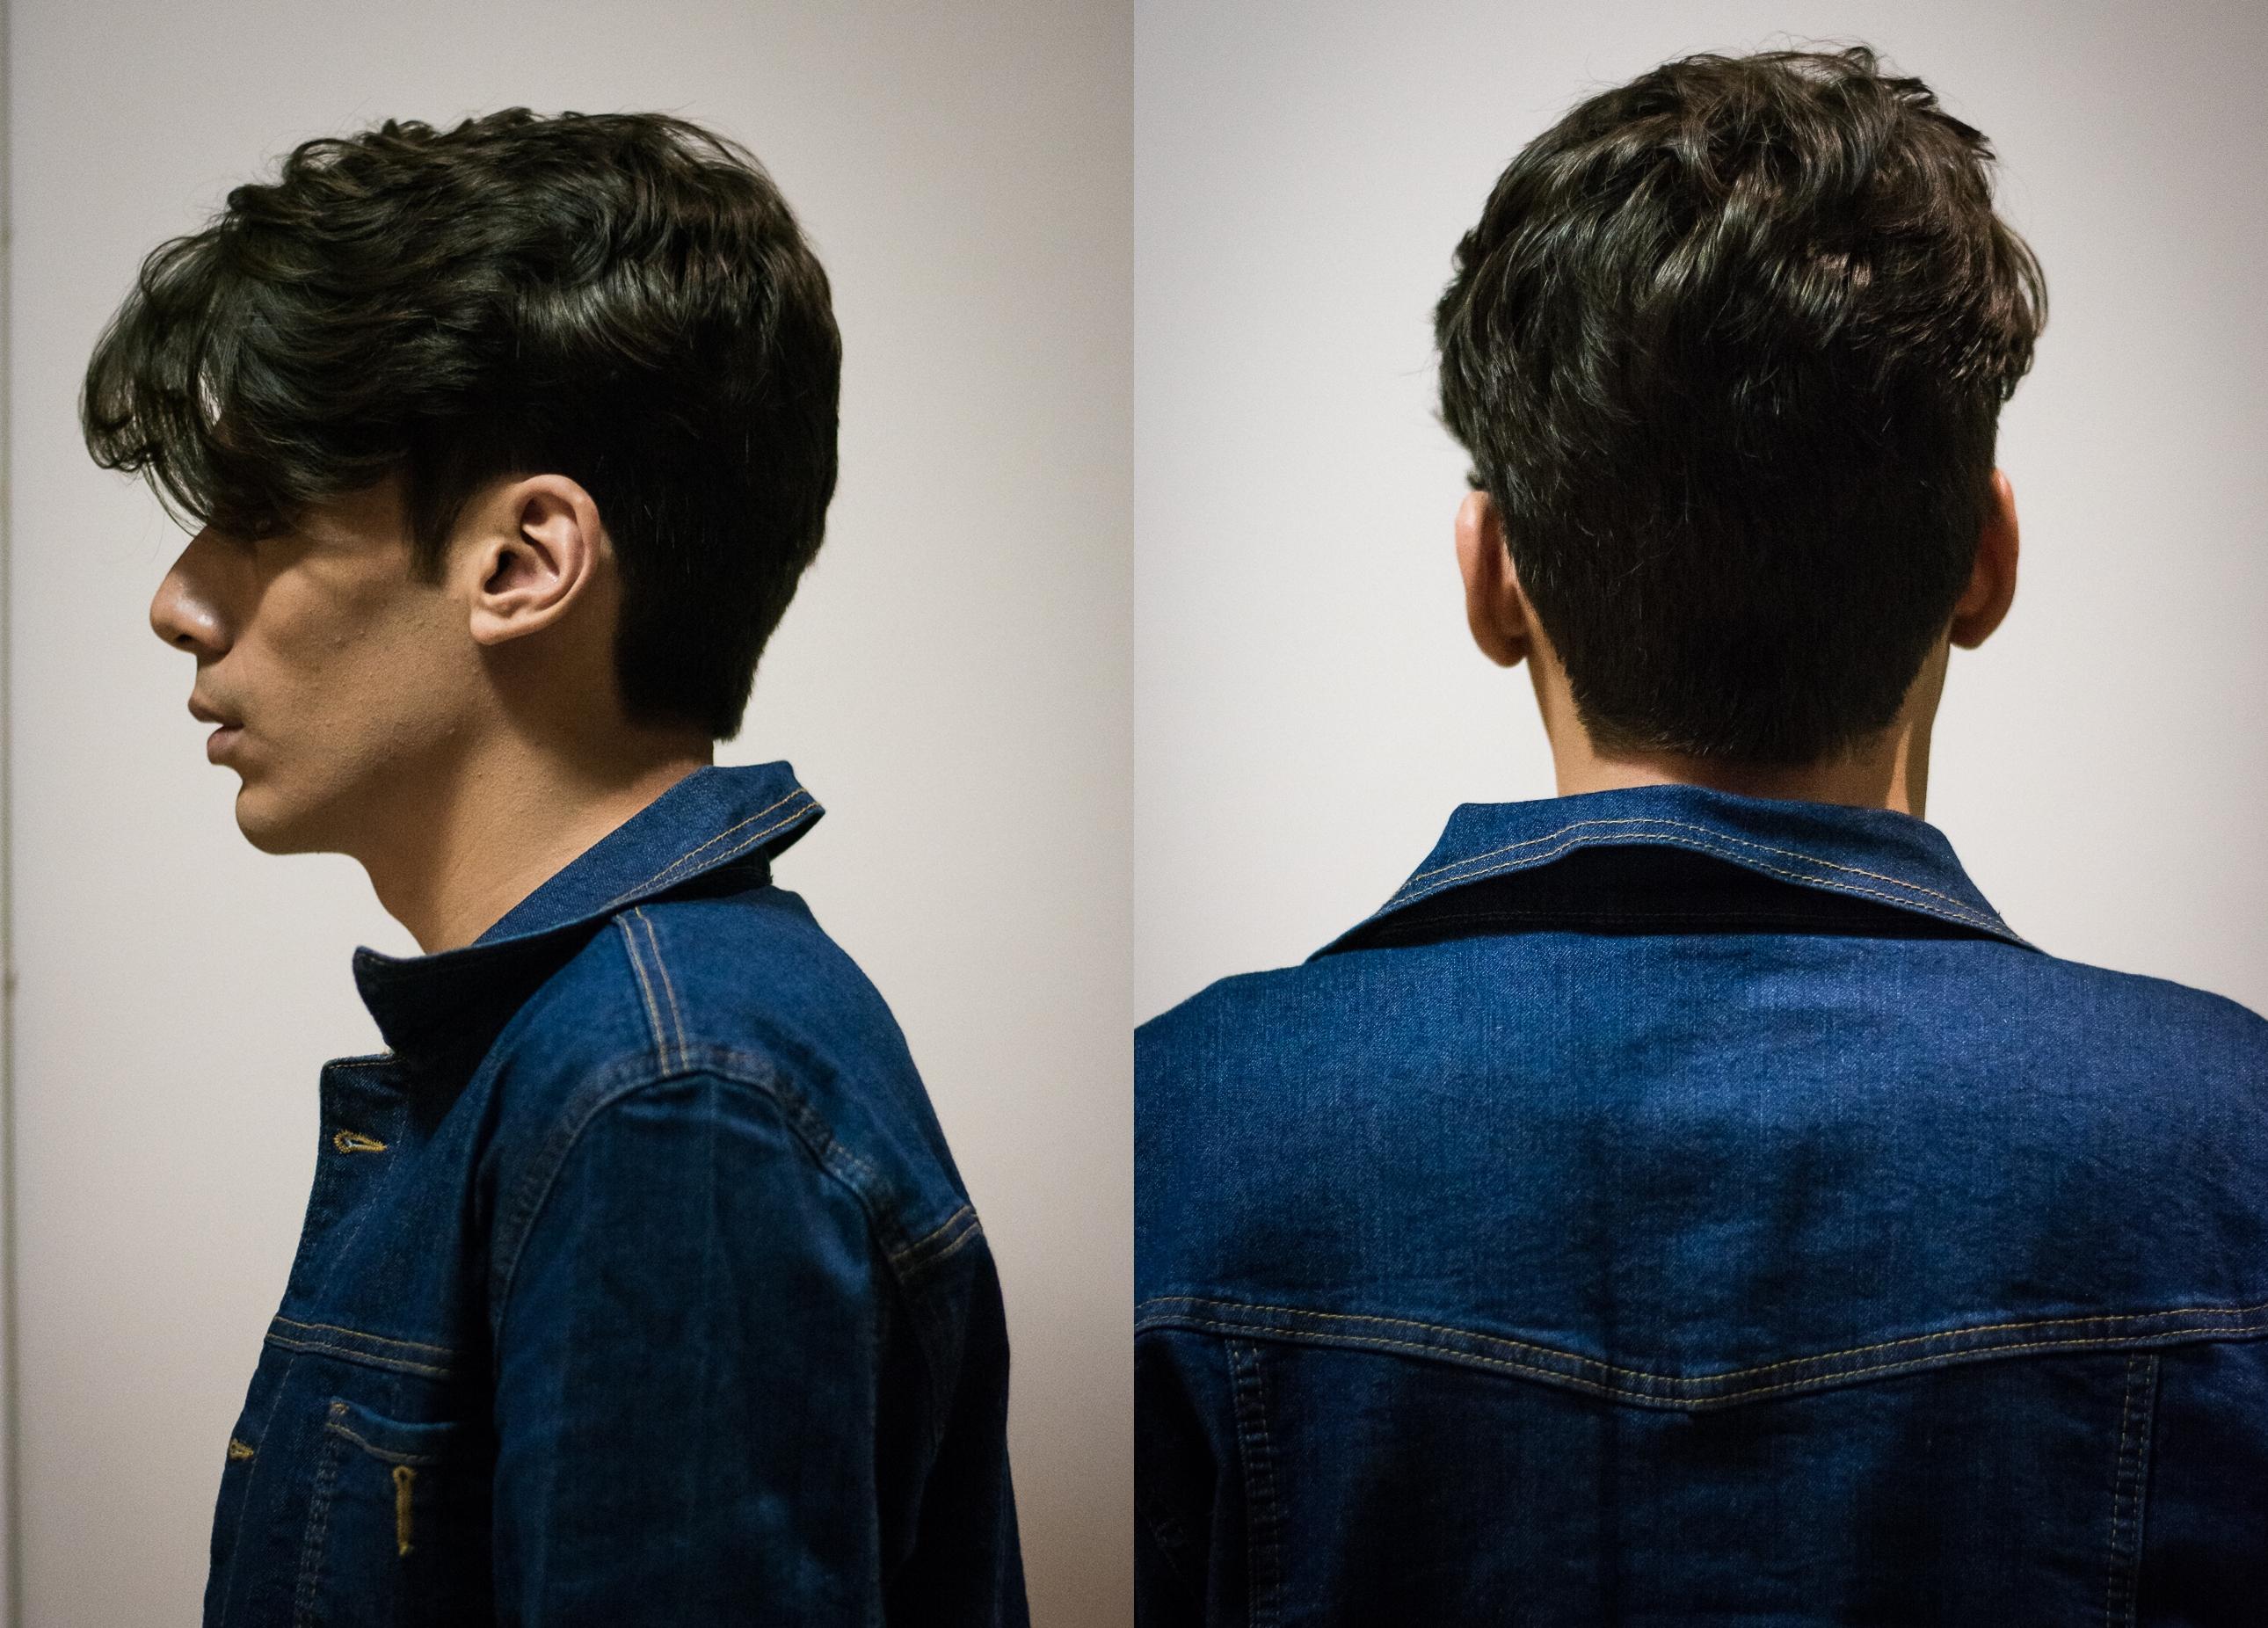 cabelo alex cursino, cabelo masculino 2017, corte masculino 2017, cabelo médio masculino, blog de moda masculina, haircut for men, cabelo liso masculino, mens, grooming, como cortar, matheus kotmatsu, (3)